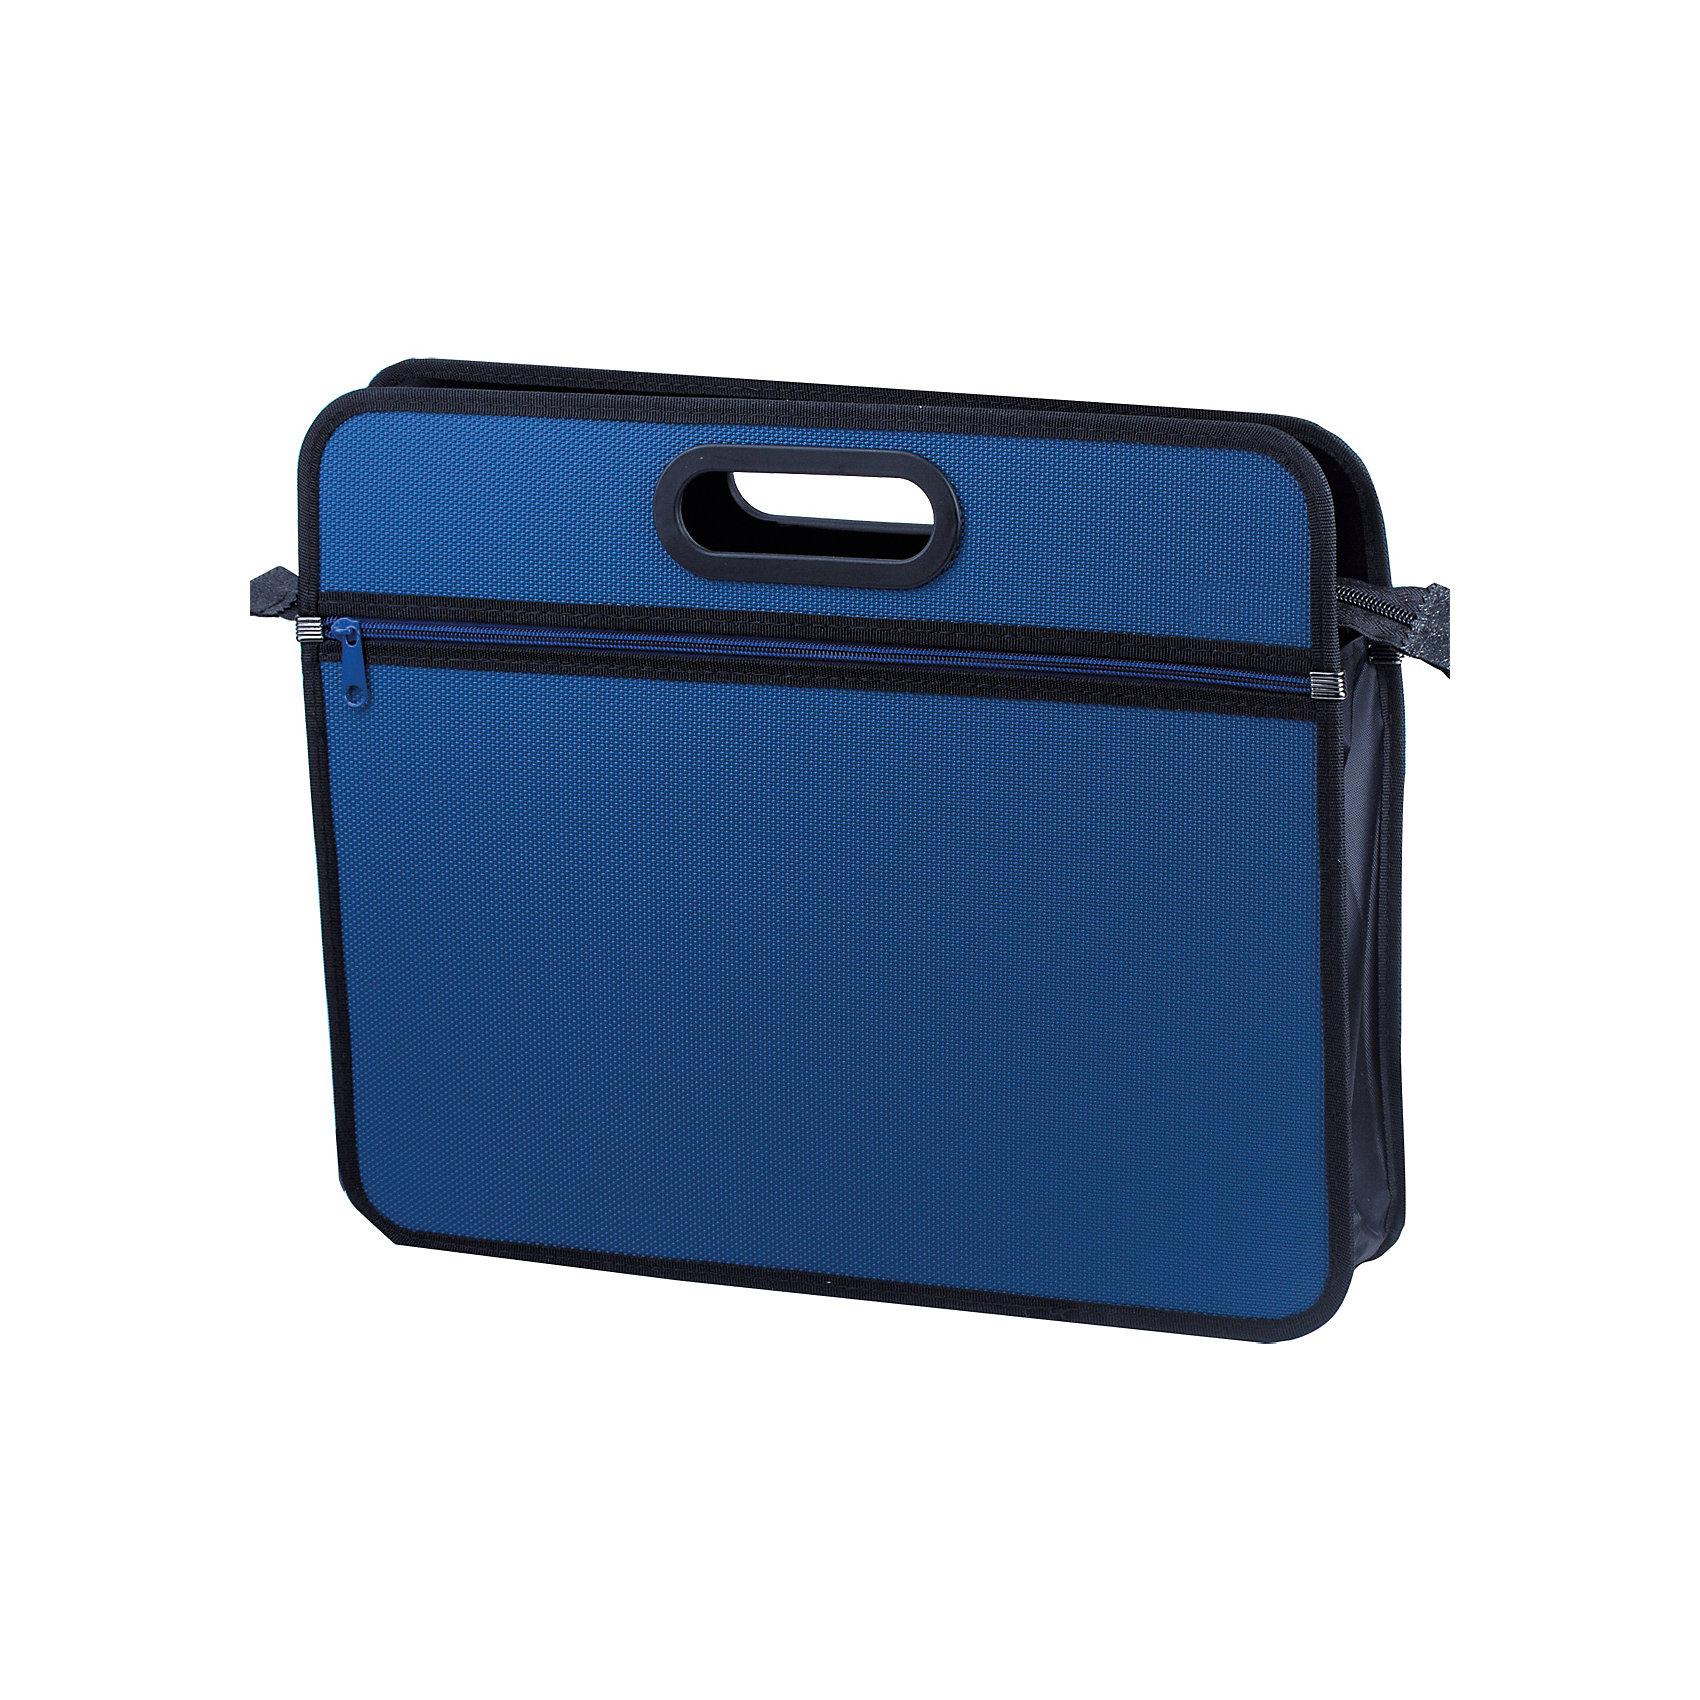 Папка-сумка Brauberg Классика А4, синяяПапки для дополнительных занятий<br>Удобная и стильная модель для транспортировки документов и различных предметов. Ручка и края окантованы тканью, придавая презентабельный вид изделию. Материал - жесткий пластик с фактурой бисер. Застегивается на молнию.•Размер - 390х315х70 мм (А4+). •1 отделение, 1 внешний карман. •Толщина материала - 1 мм. •Фактура - бисер. •Жесткий пластик. •Замок - молния. •Цвет - синий.<br><br>Ширина мм: 315<br>Глубина мм: 390<br>Высота мм: 70<br>Вес г: 630<br>Возраст от месяцев: 72<br>Возраст до месяцев: 2147483647<br>Пол: Унисекс<br>Возраст: Детский<br>SKU: 6893824